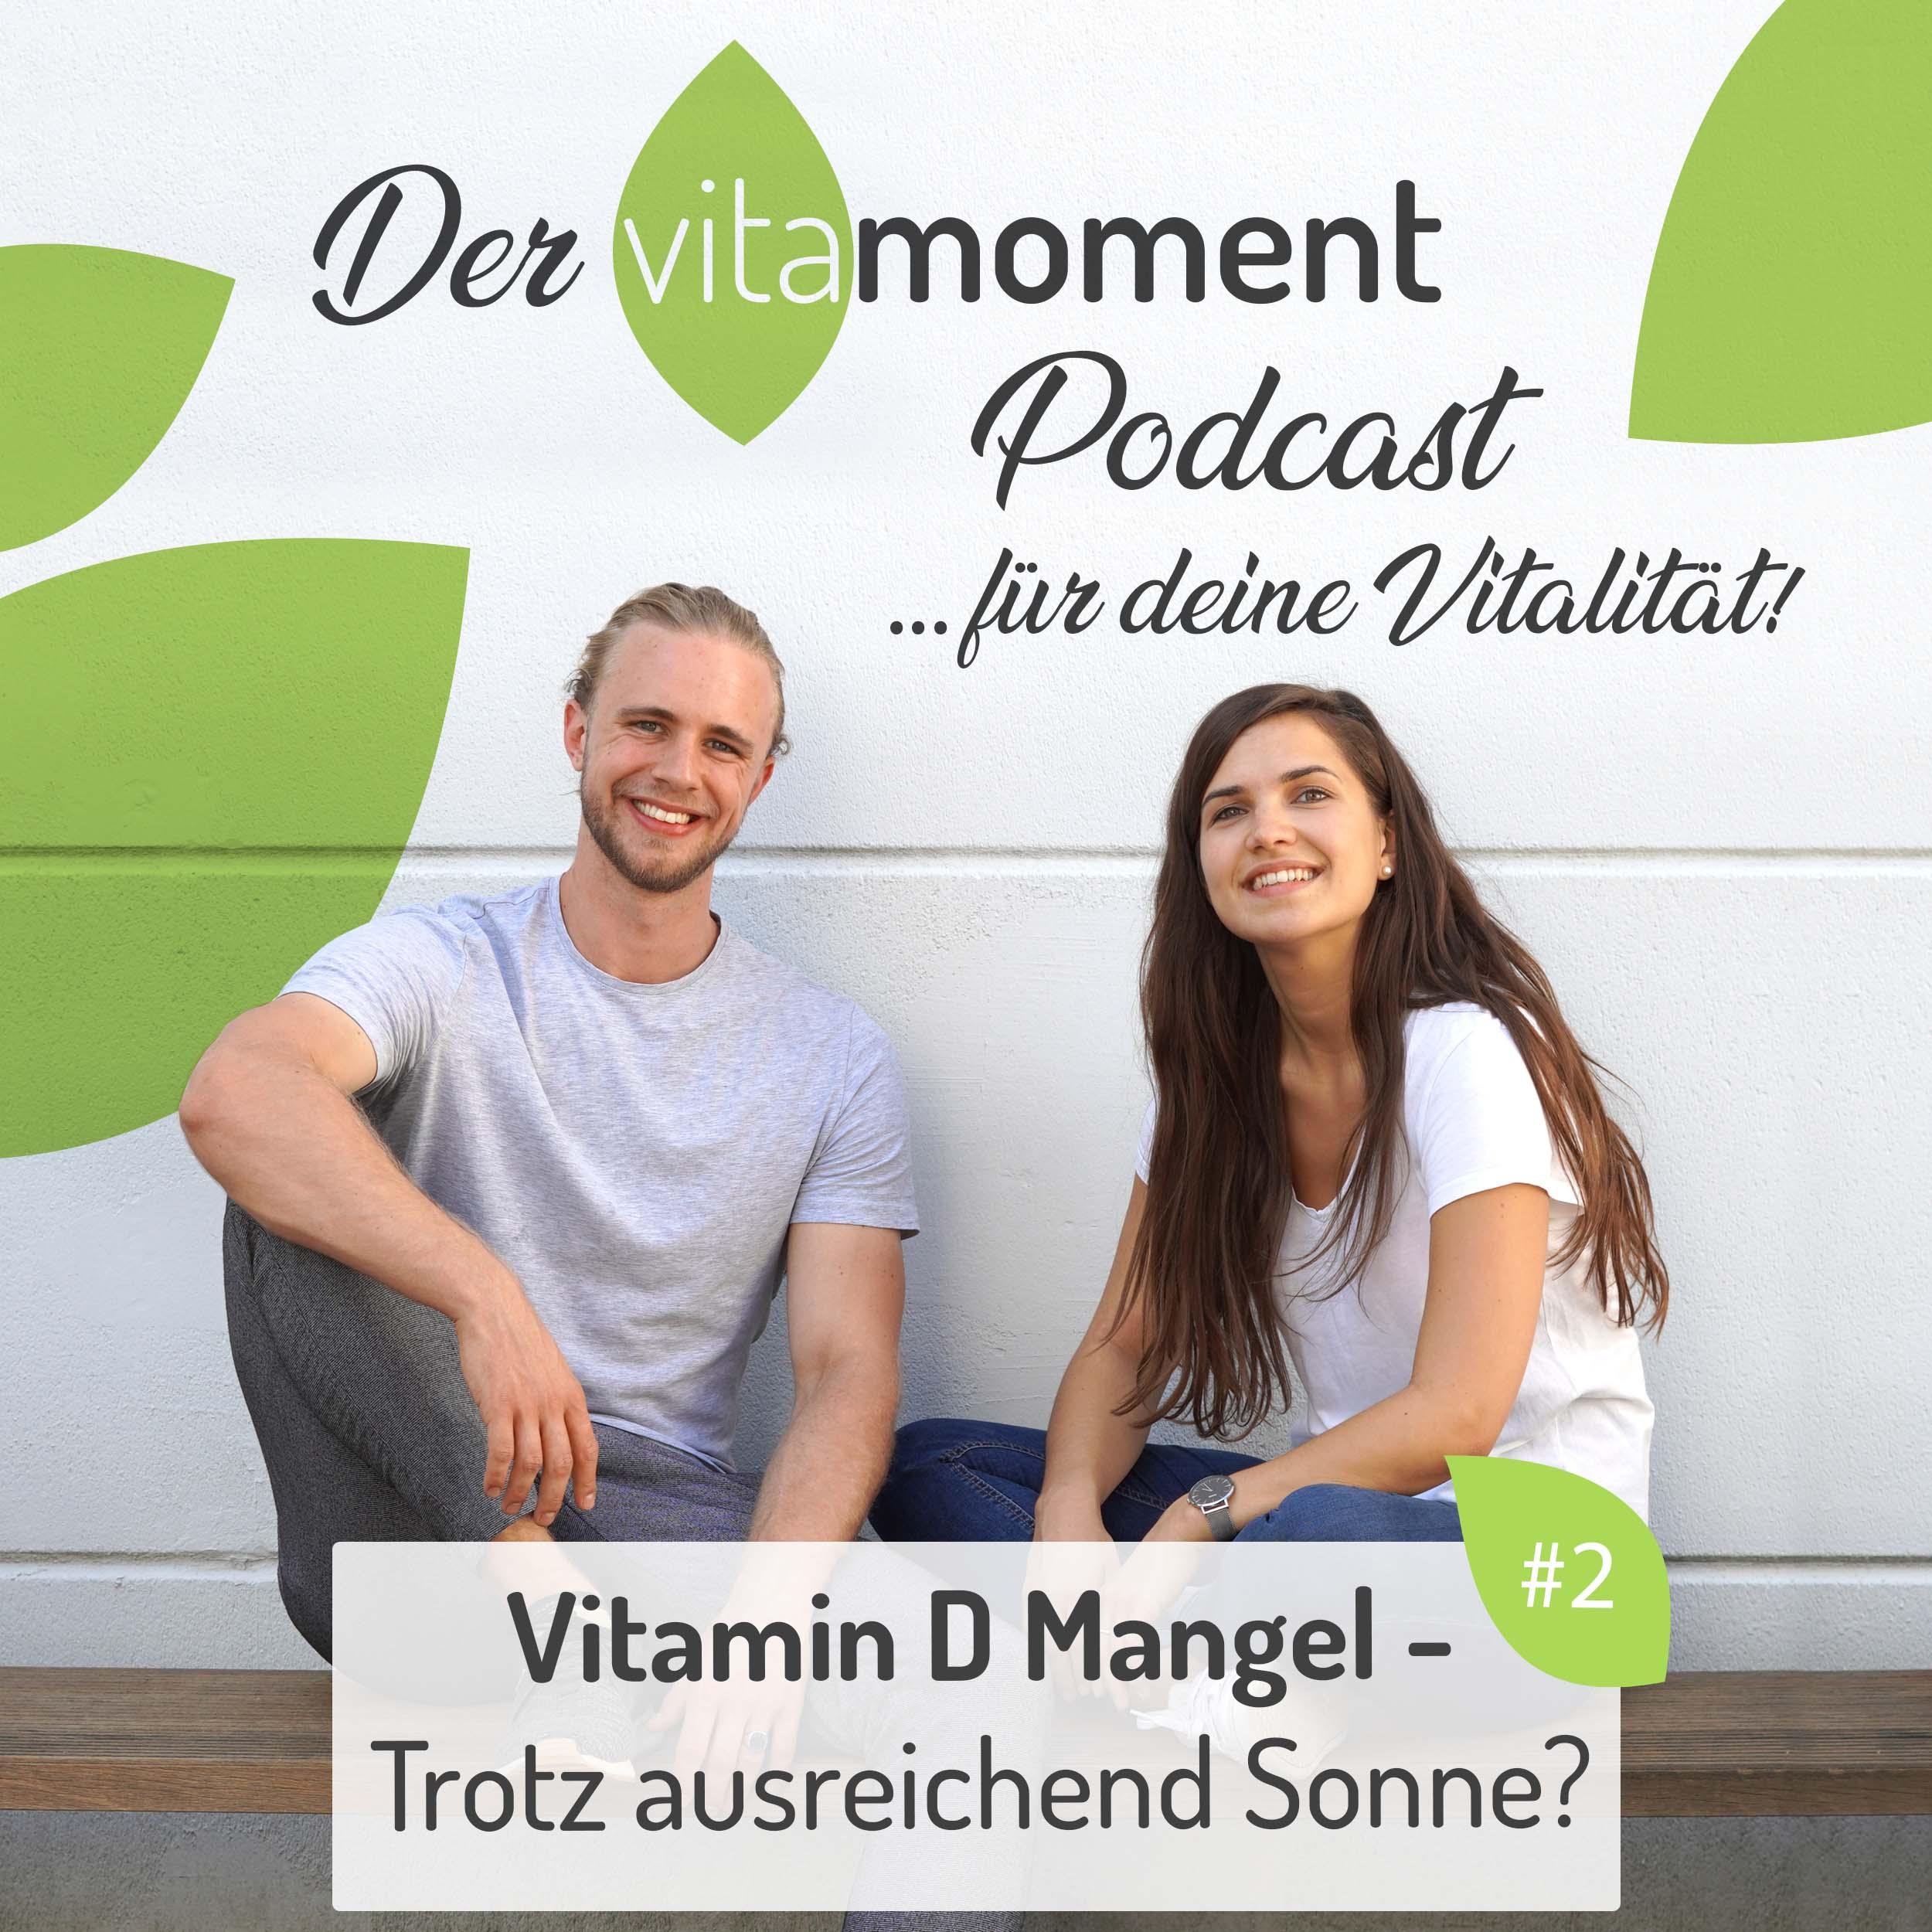 #2 Vitamin D Mangel - Trotz ausreichend Sonne?